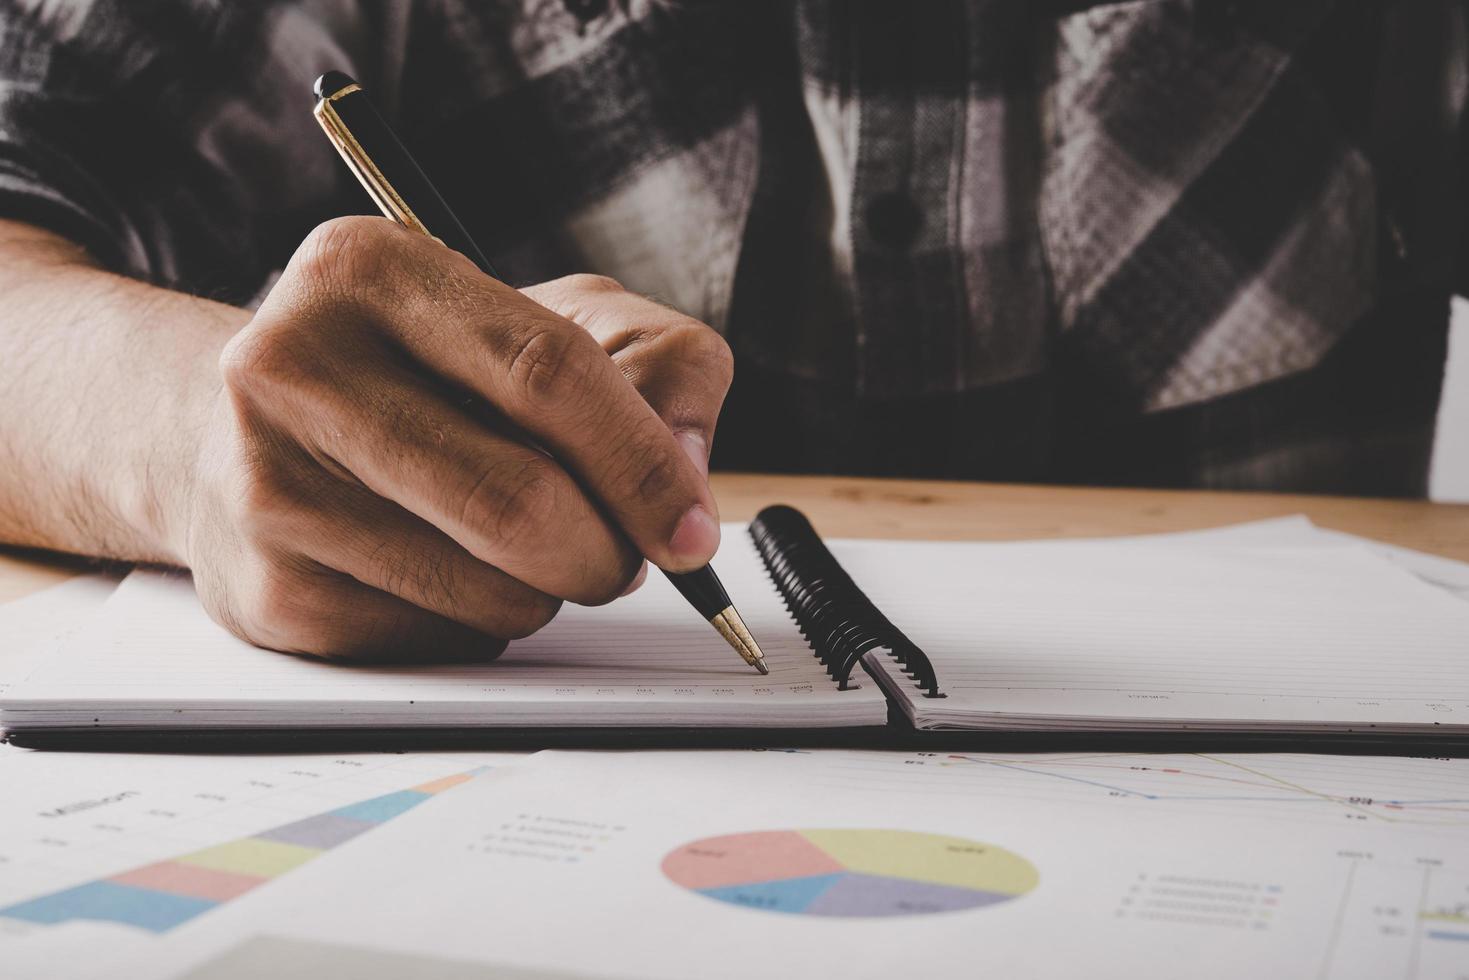 junger Geschäftsmann schreibt in ein Notizbuch, während er im Büro arbeitet foto